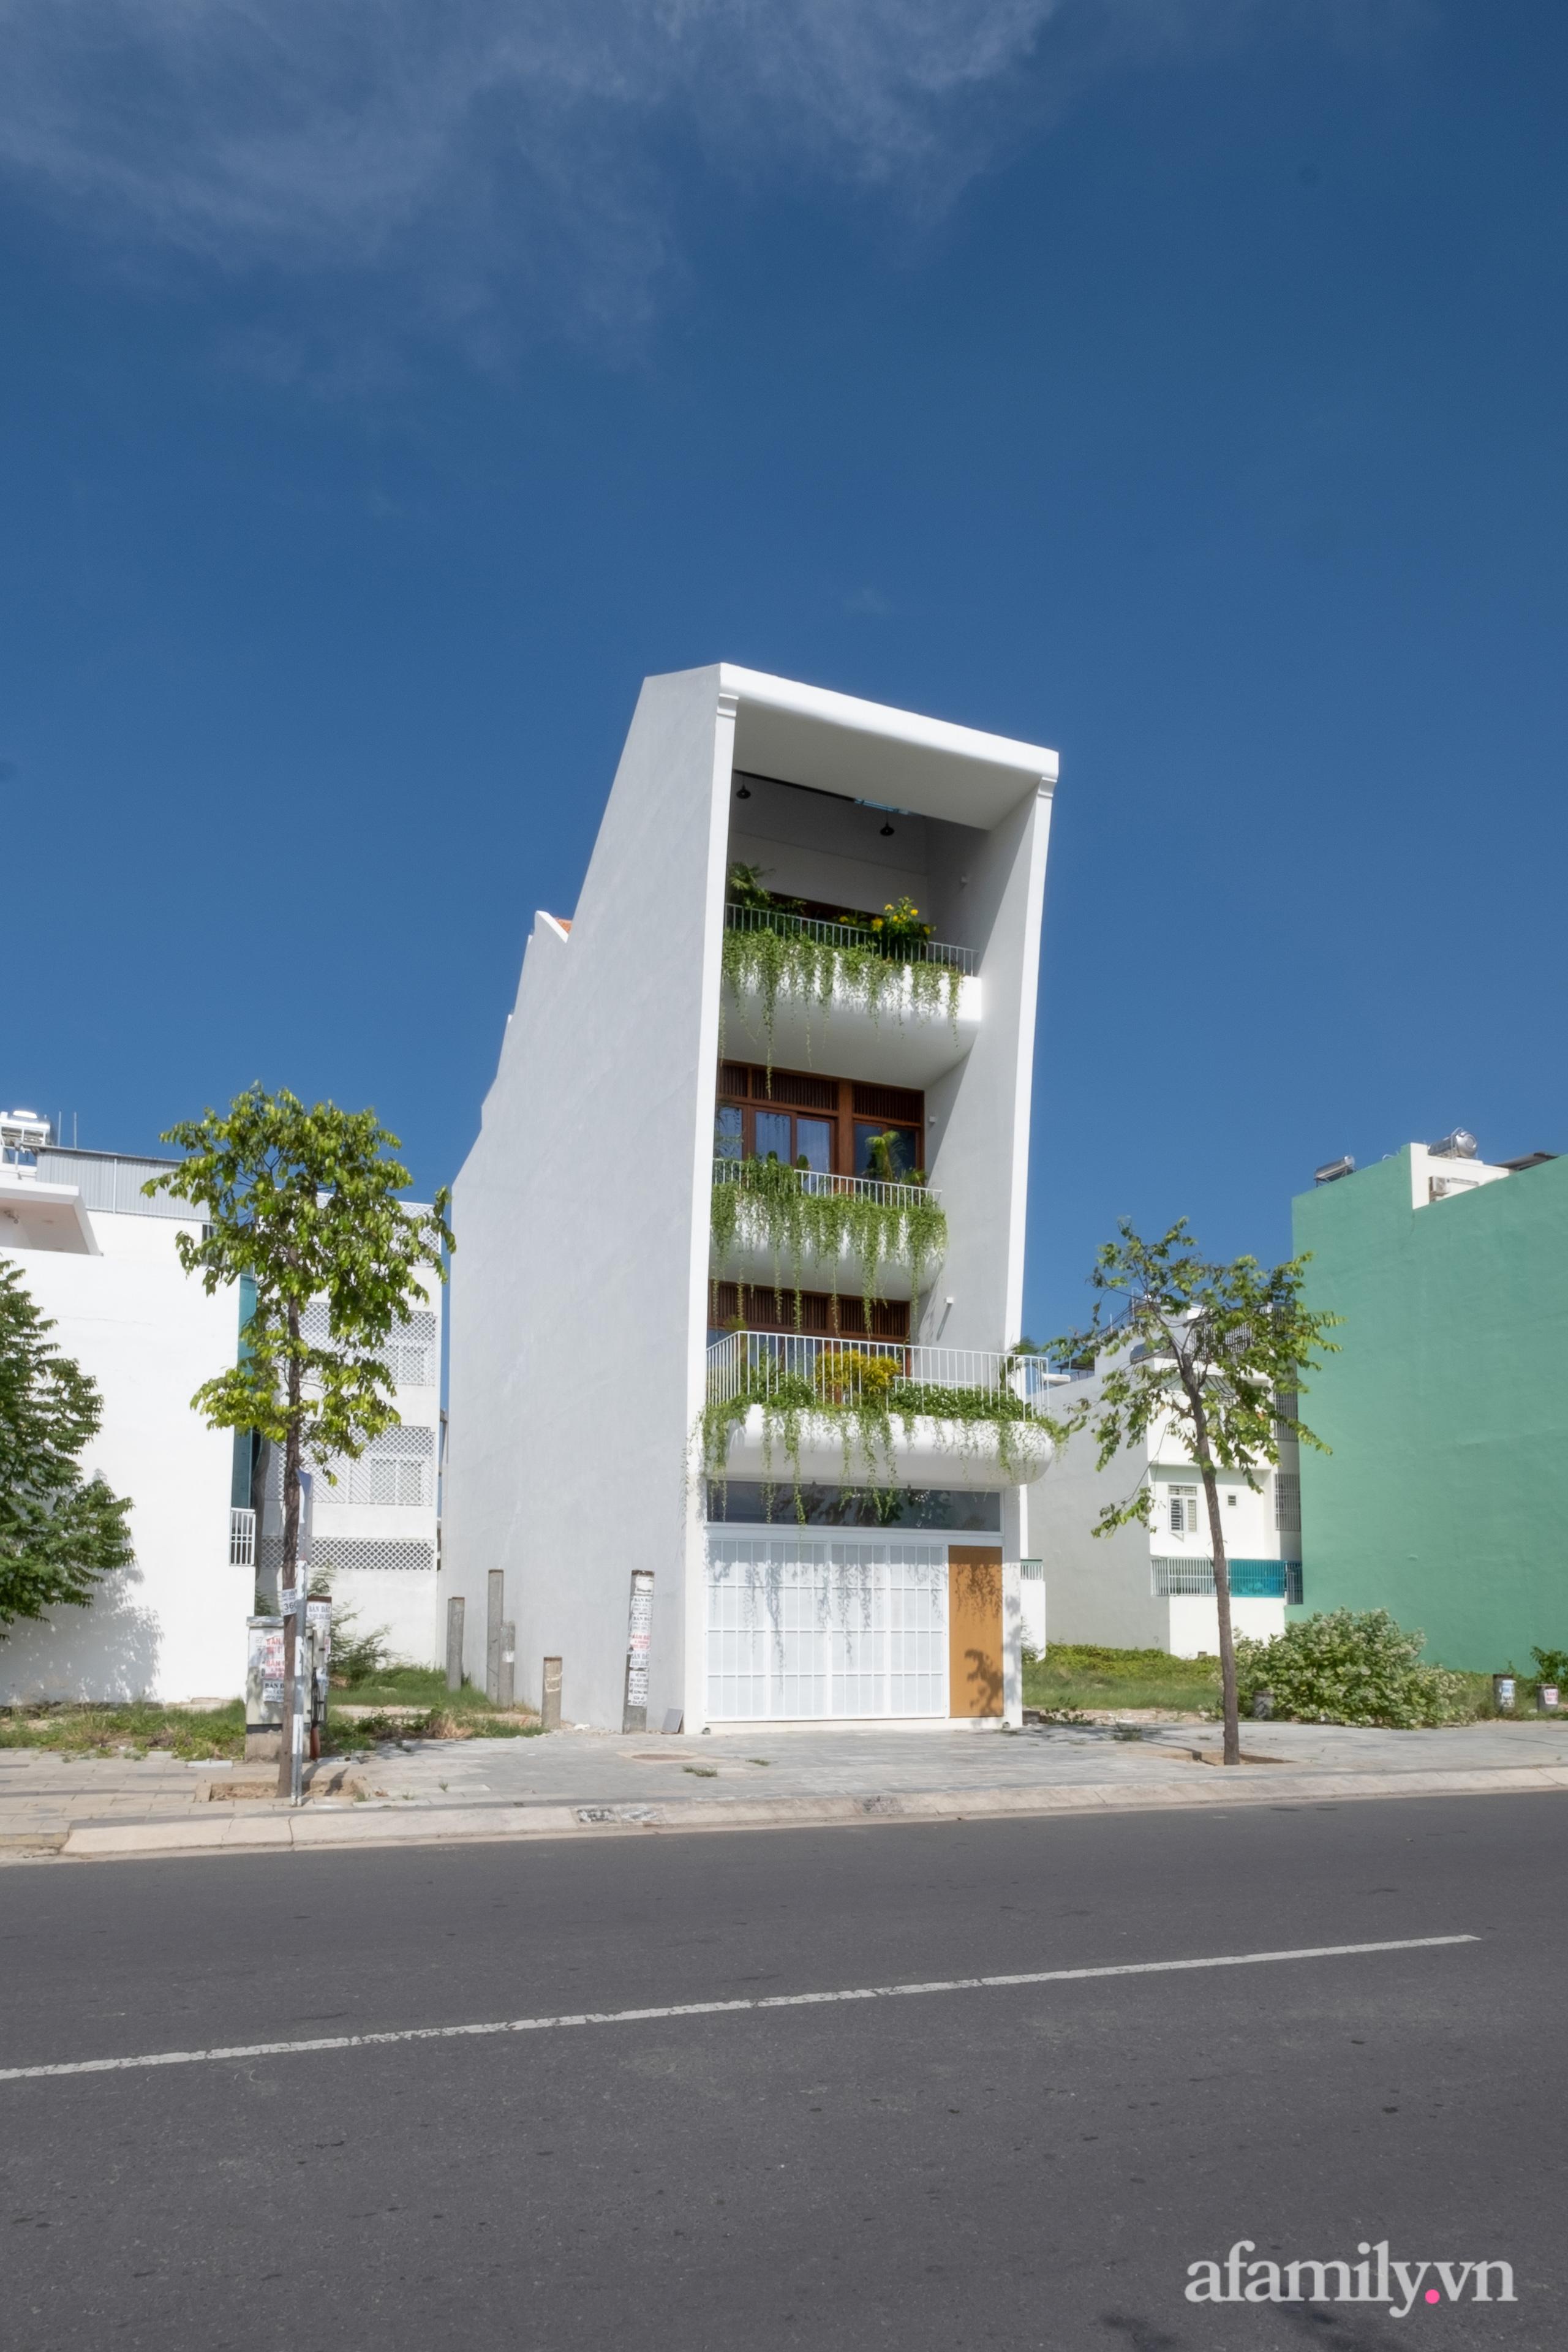 Nhà phố hướng Tây vẫn mát mẻ không cần điều hòa nhờ thiết kế gần gũi với thiên nhiên ở Nha Trang - Ảnh 2.